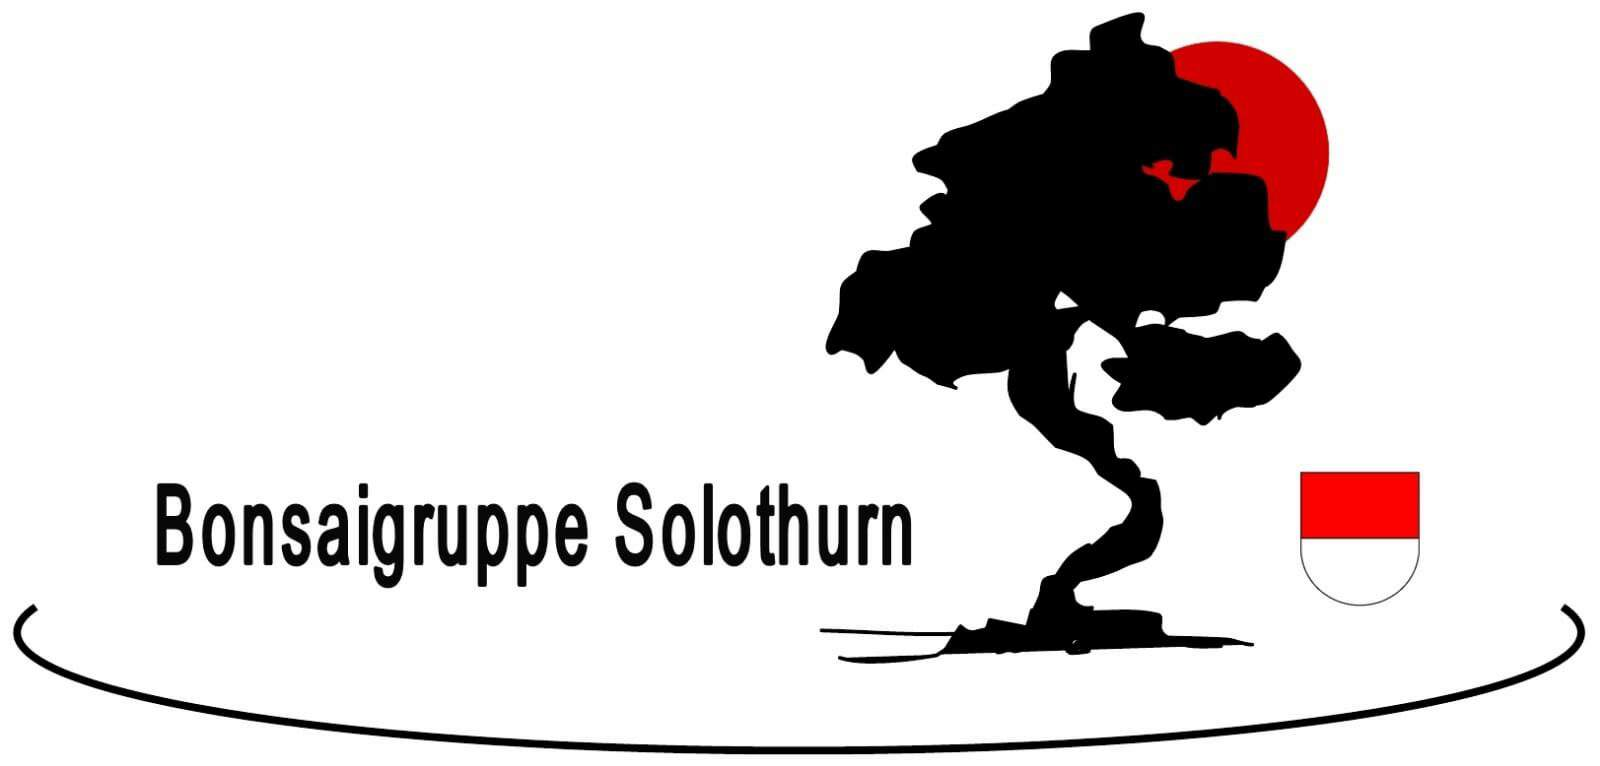 Bonsaigruppe Solothurn